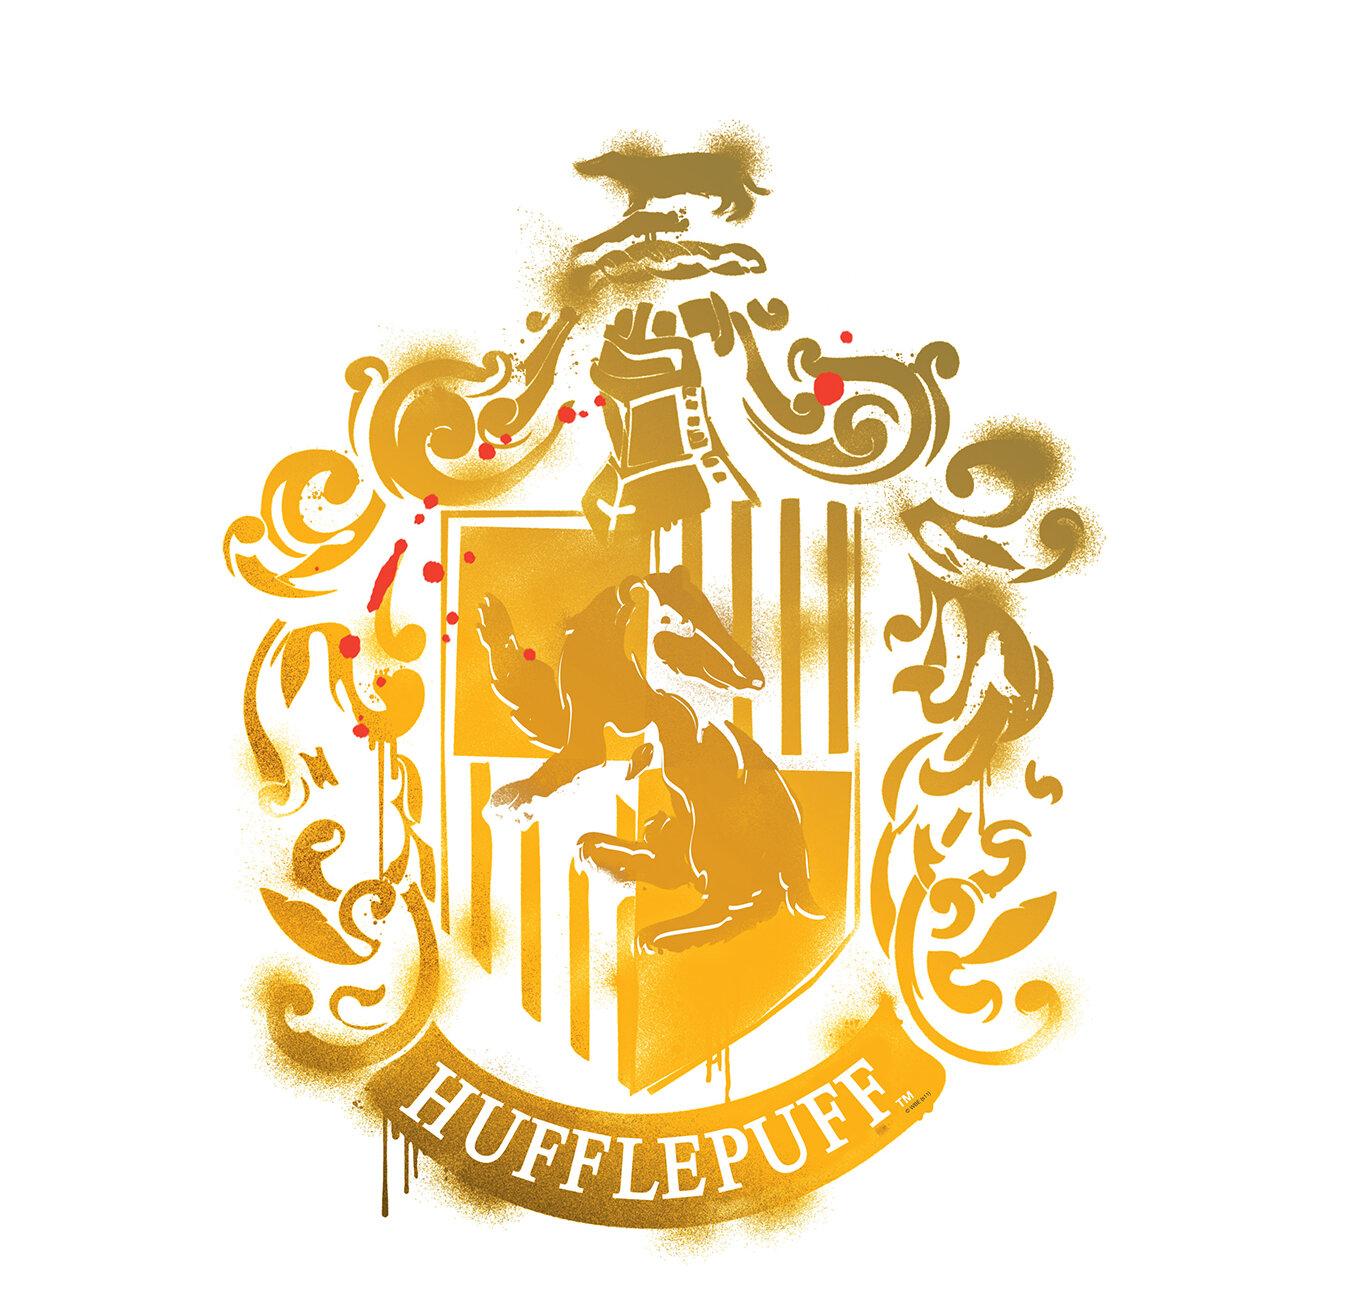 Advanced Graphics Harry Potter 7 Hufflepuff Crest Wall Decal   Wayfair